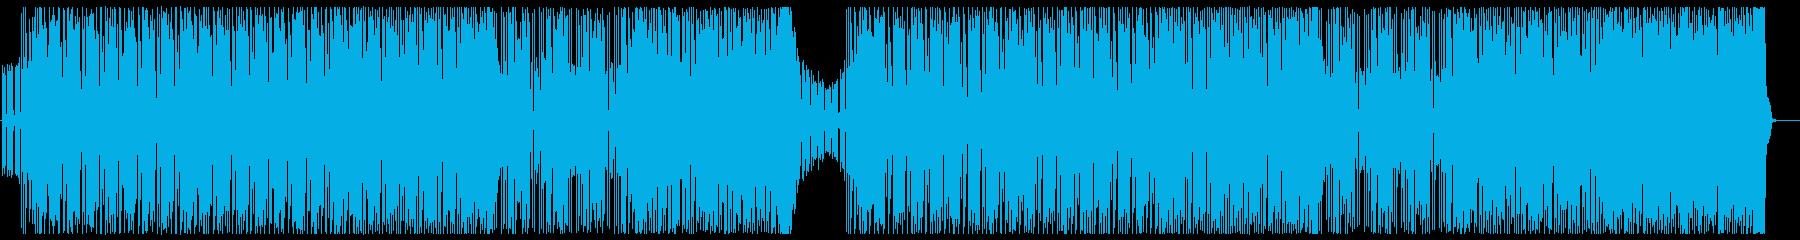 エネルギッシュなピアノダンスポップ声有りの再生済みの波形